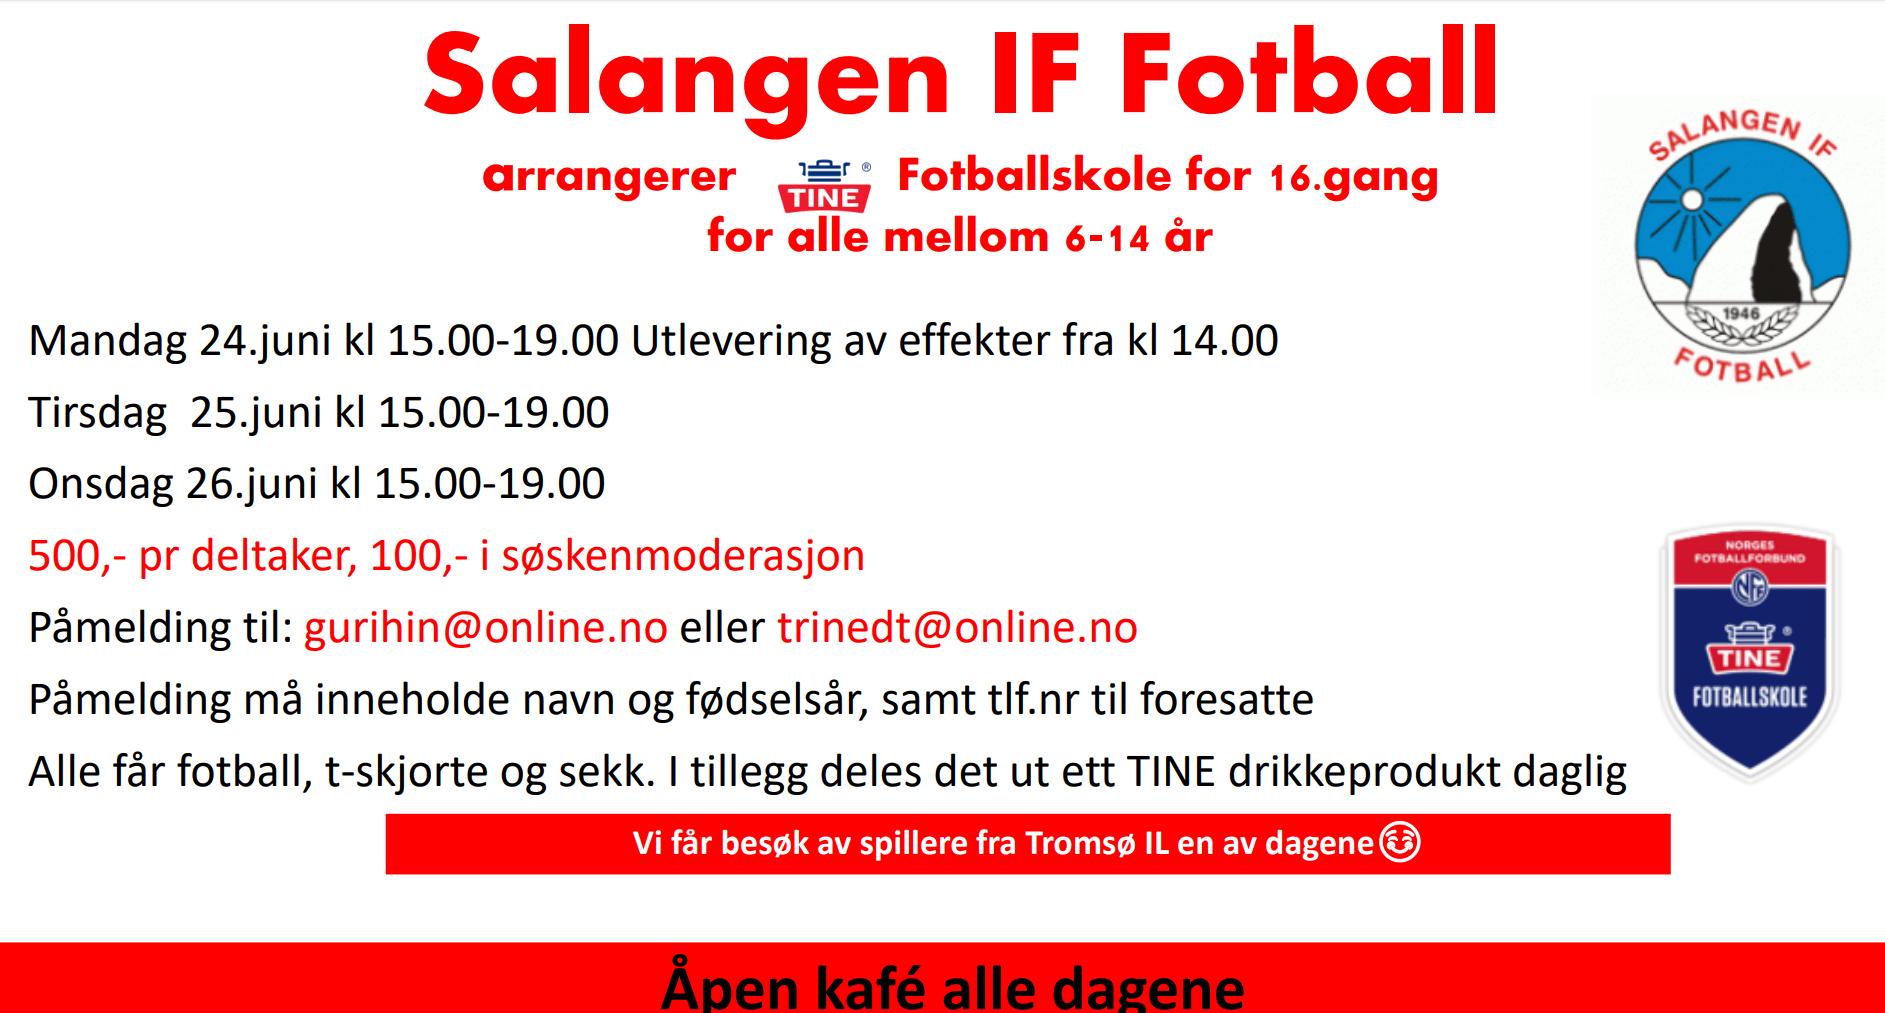 Salangen IF Fotball